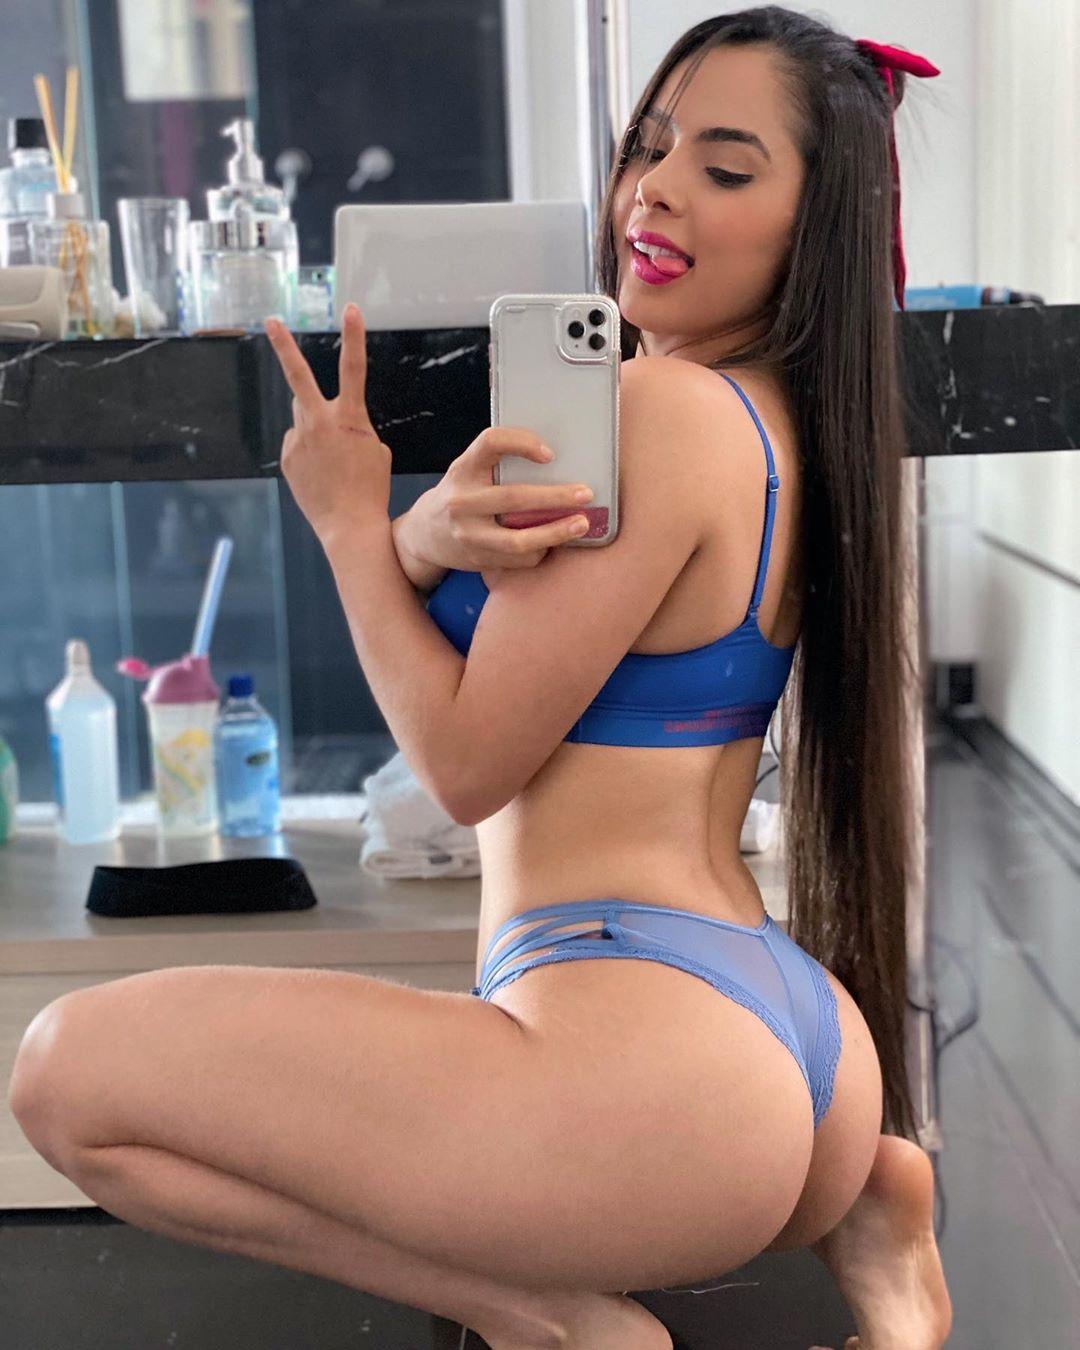 Veja fotos sensuais da cantora de forró que virou sucesso na internet